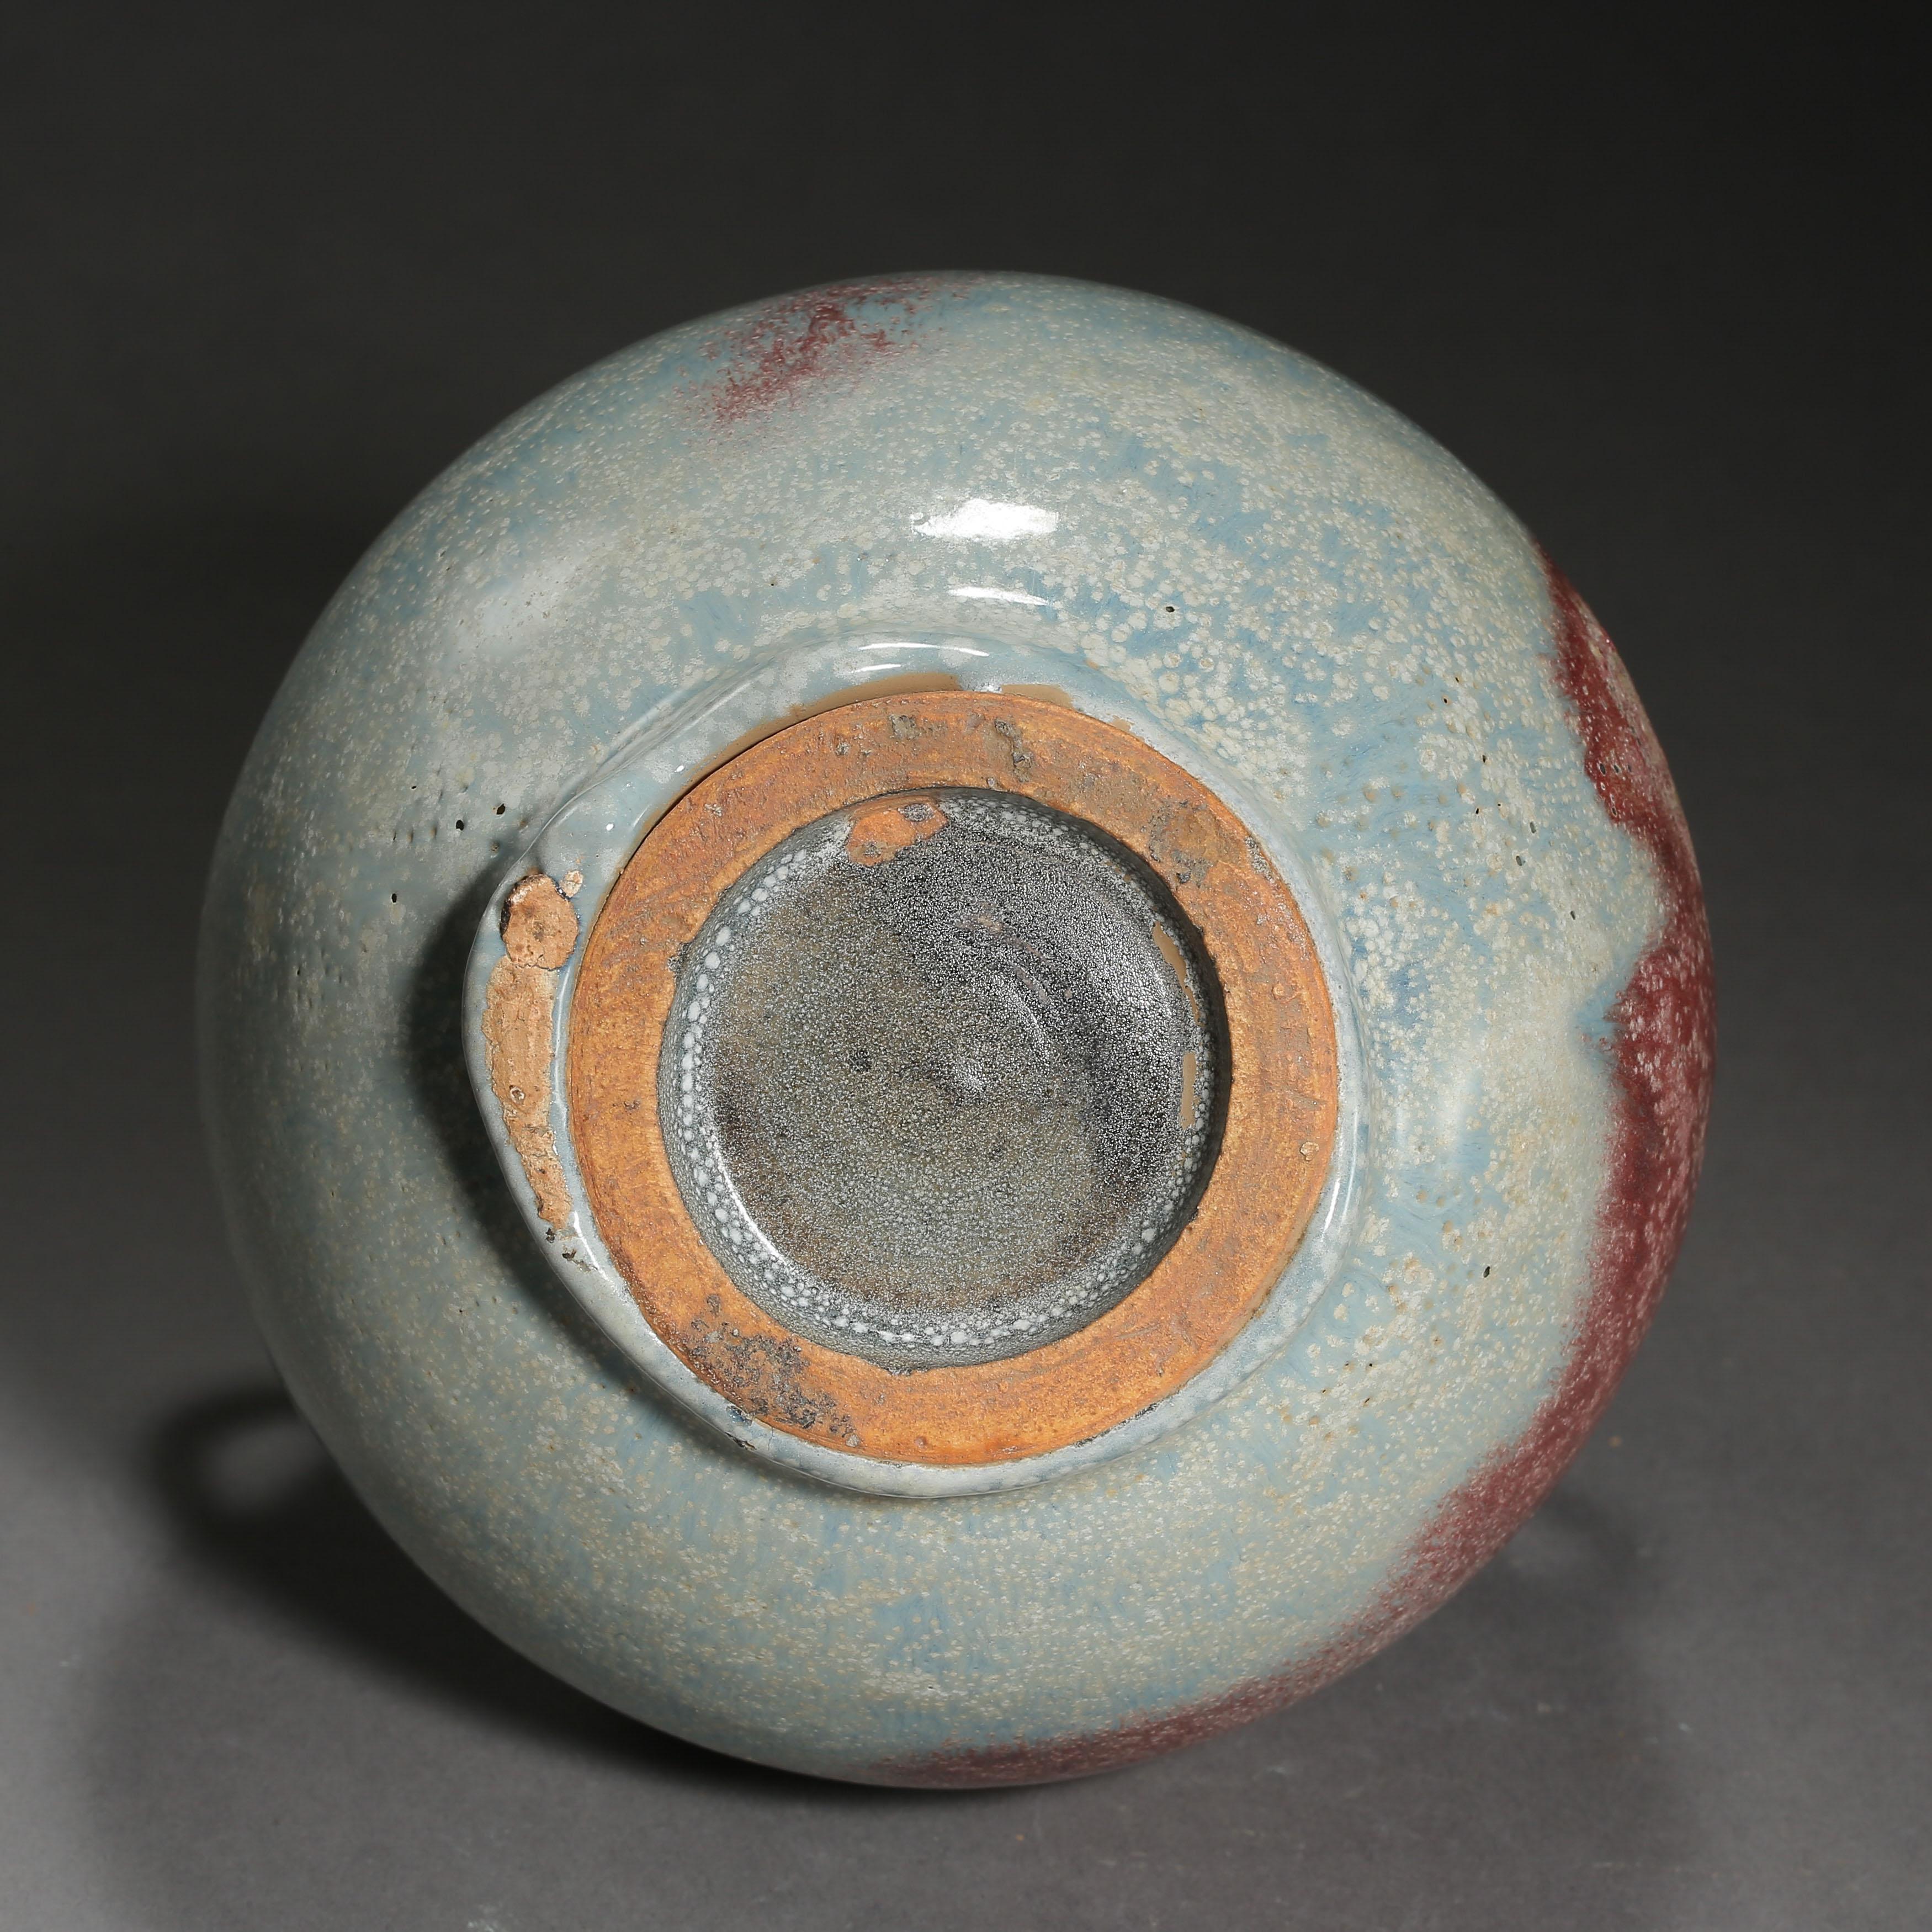 JUN KILN DOUBLE HANDLE JAR, YUAN DYNASTY, CHINA - Image 10 of 10